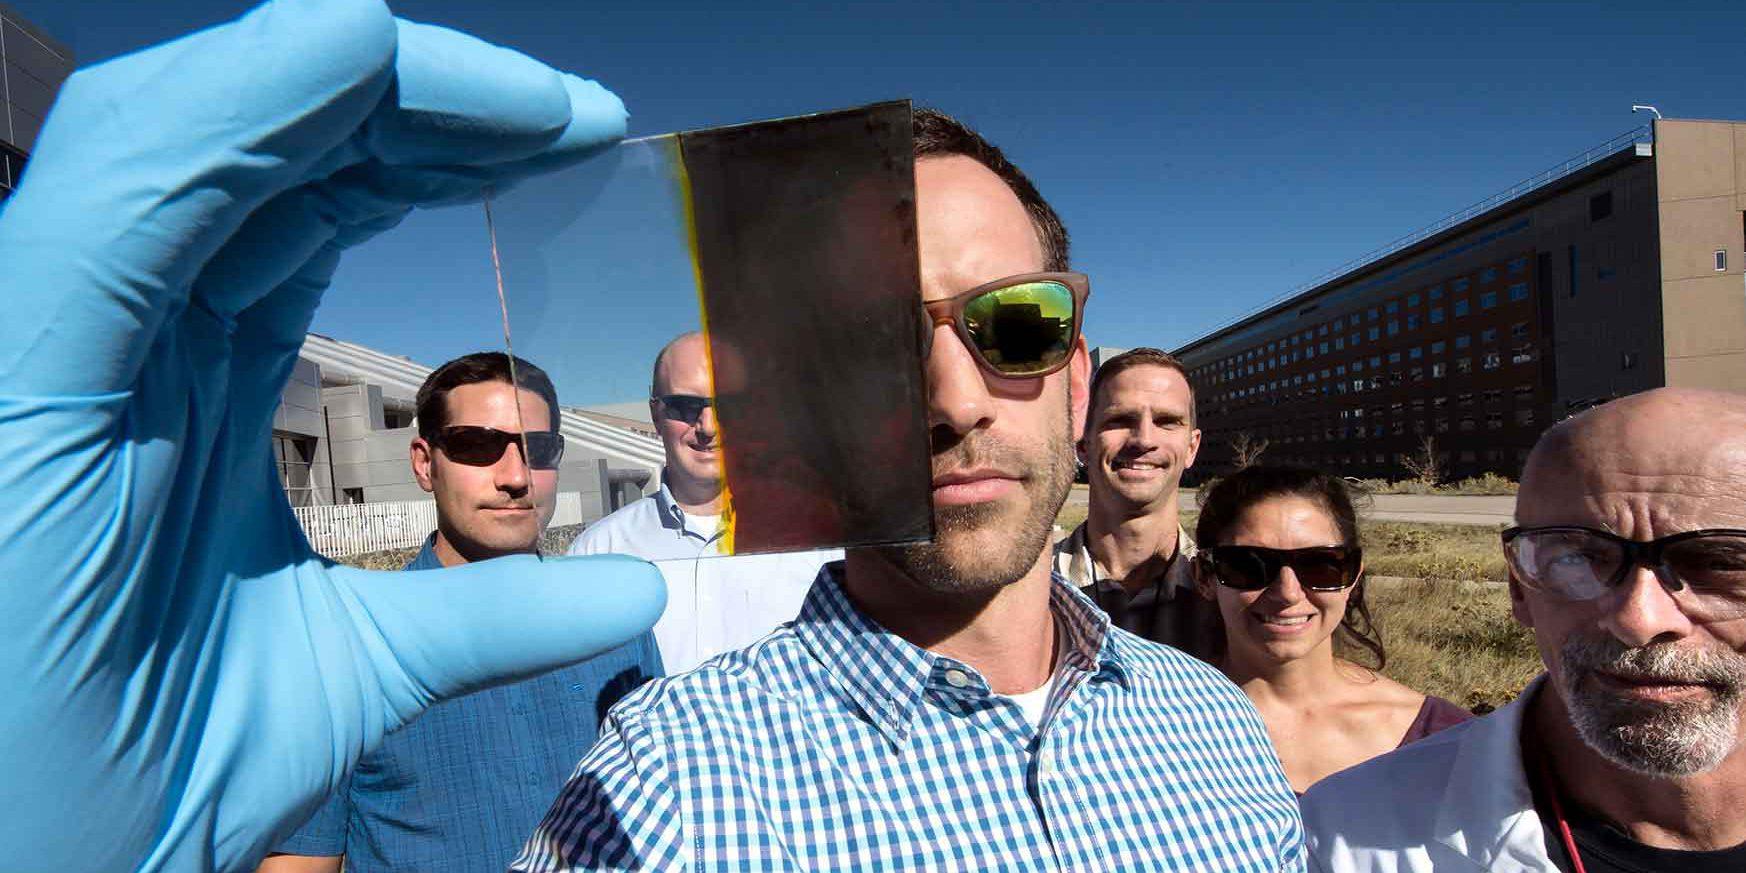 КПД частично прозрачных окон с солнечными батареями превысил 11% - 1